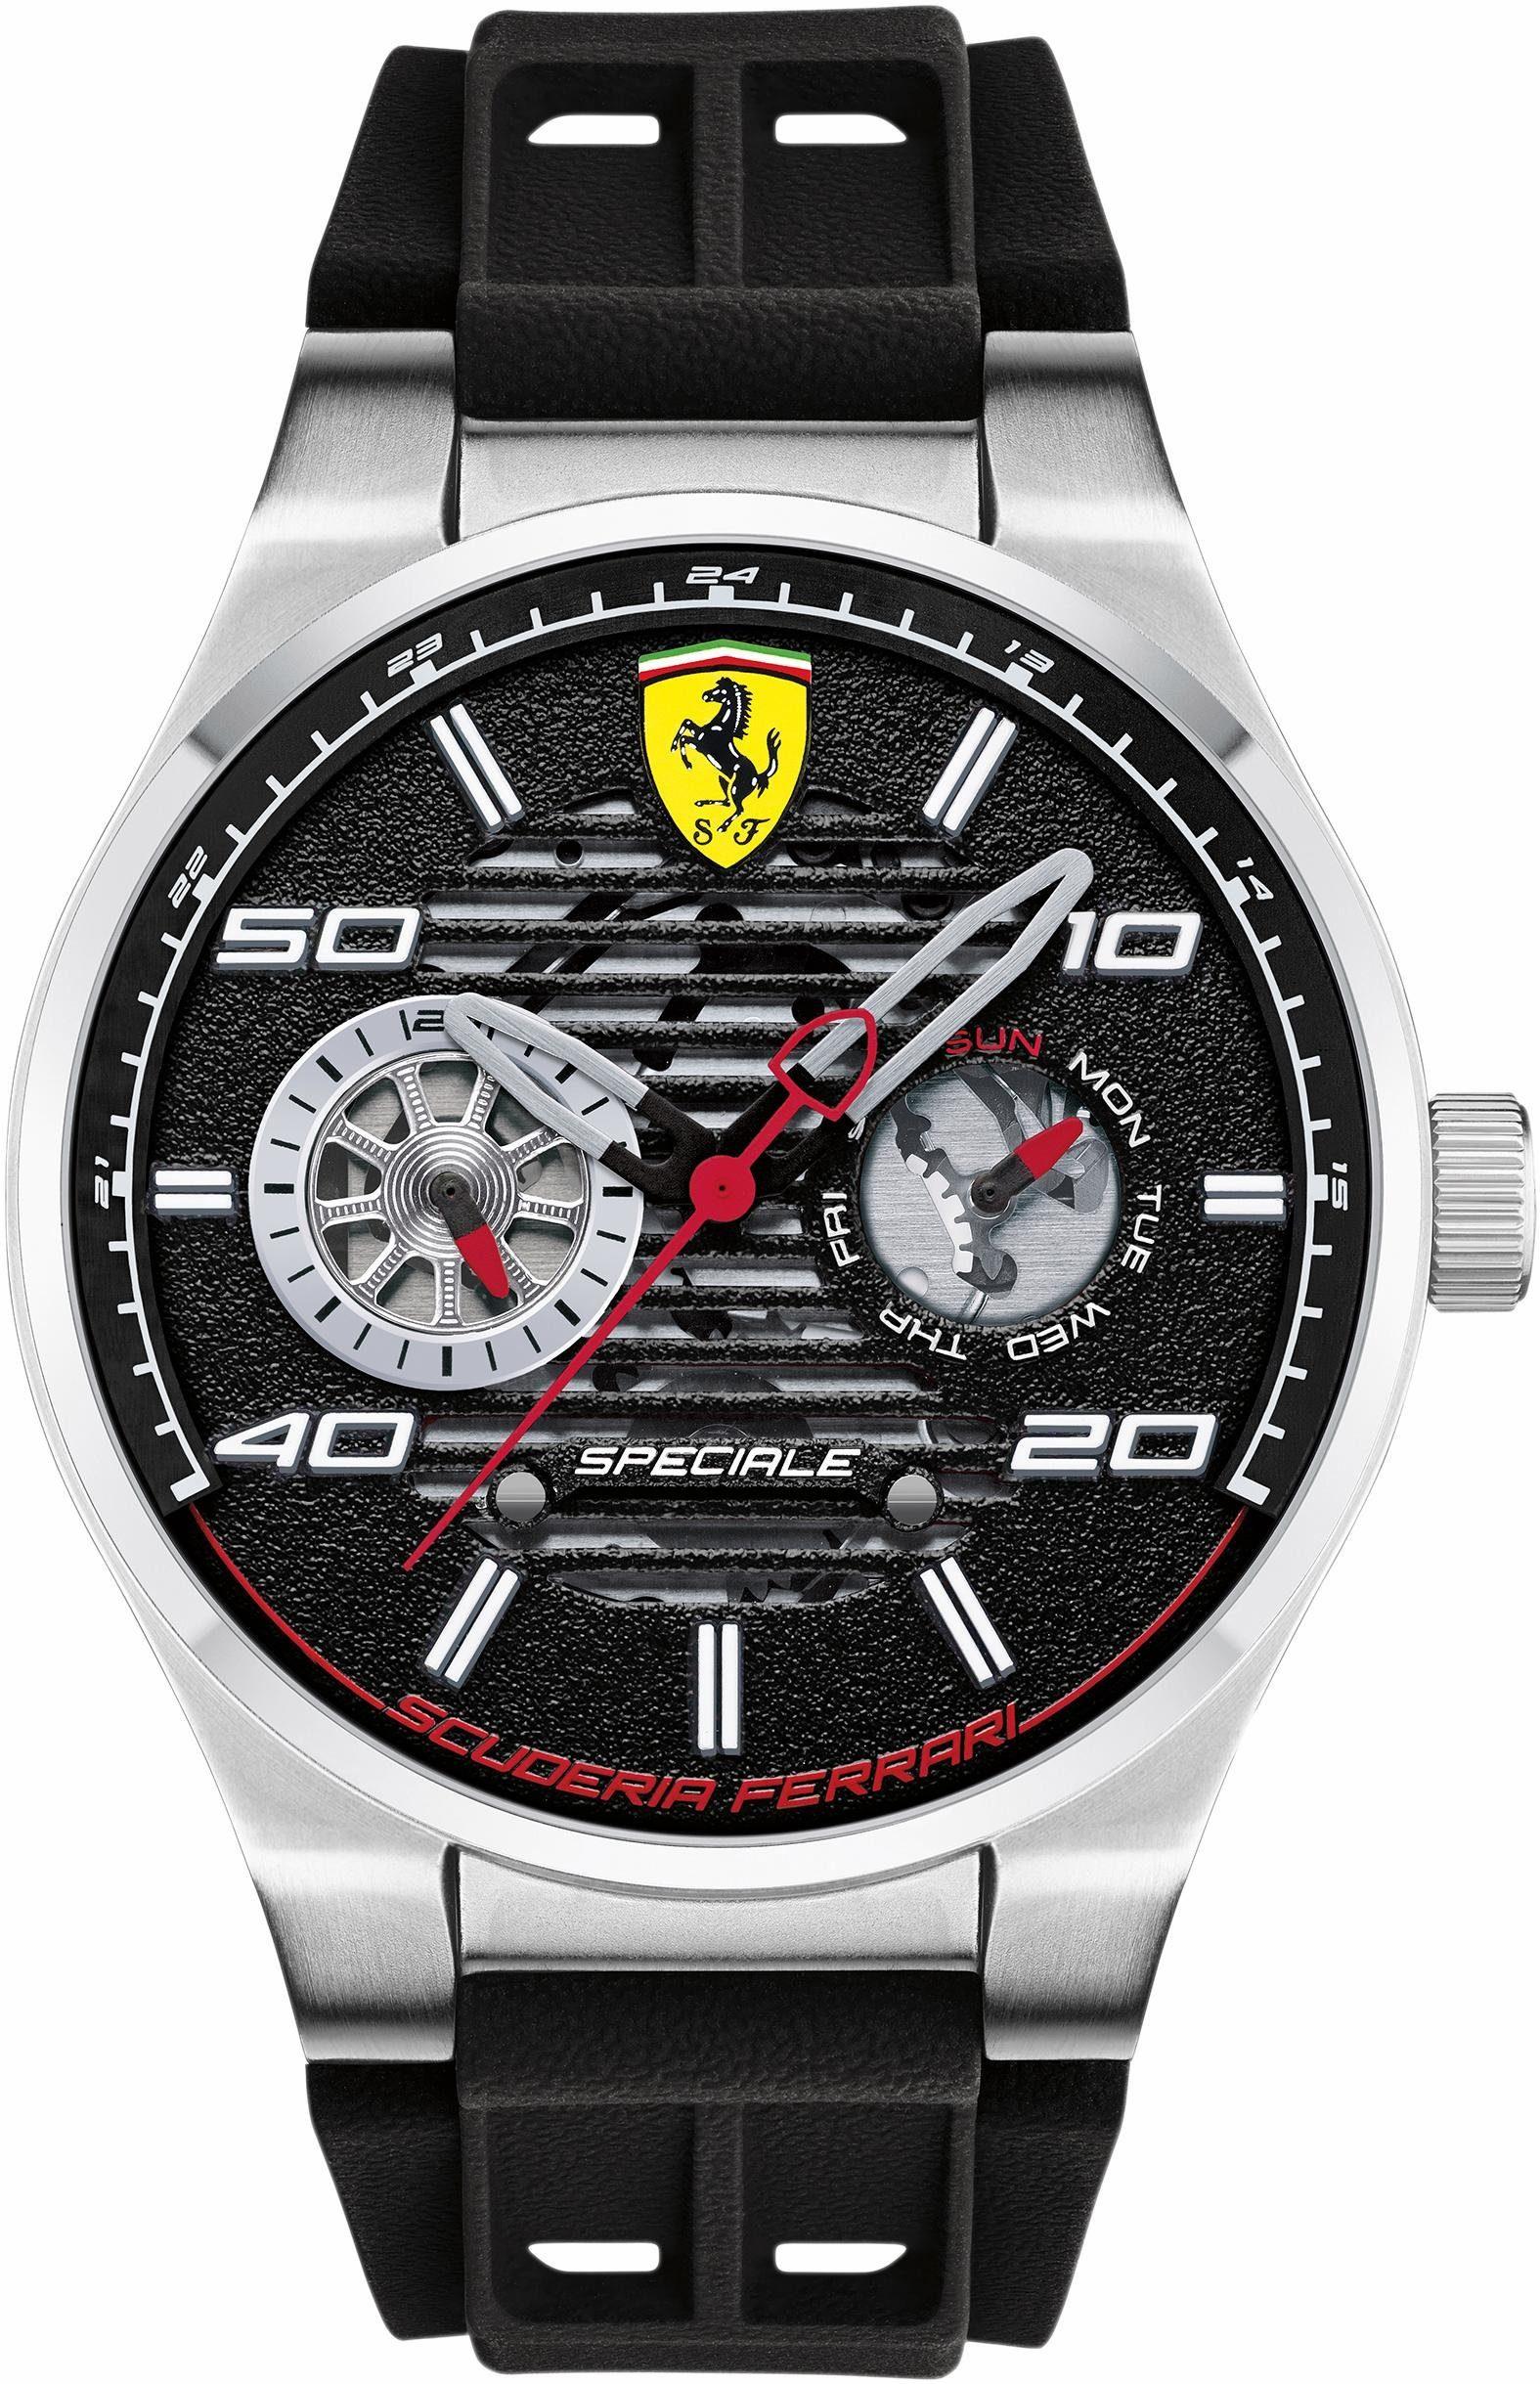 Scuderia Ferrari Multifunktionsuhr »Speciale, 830429«